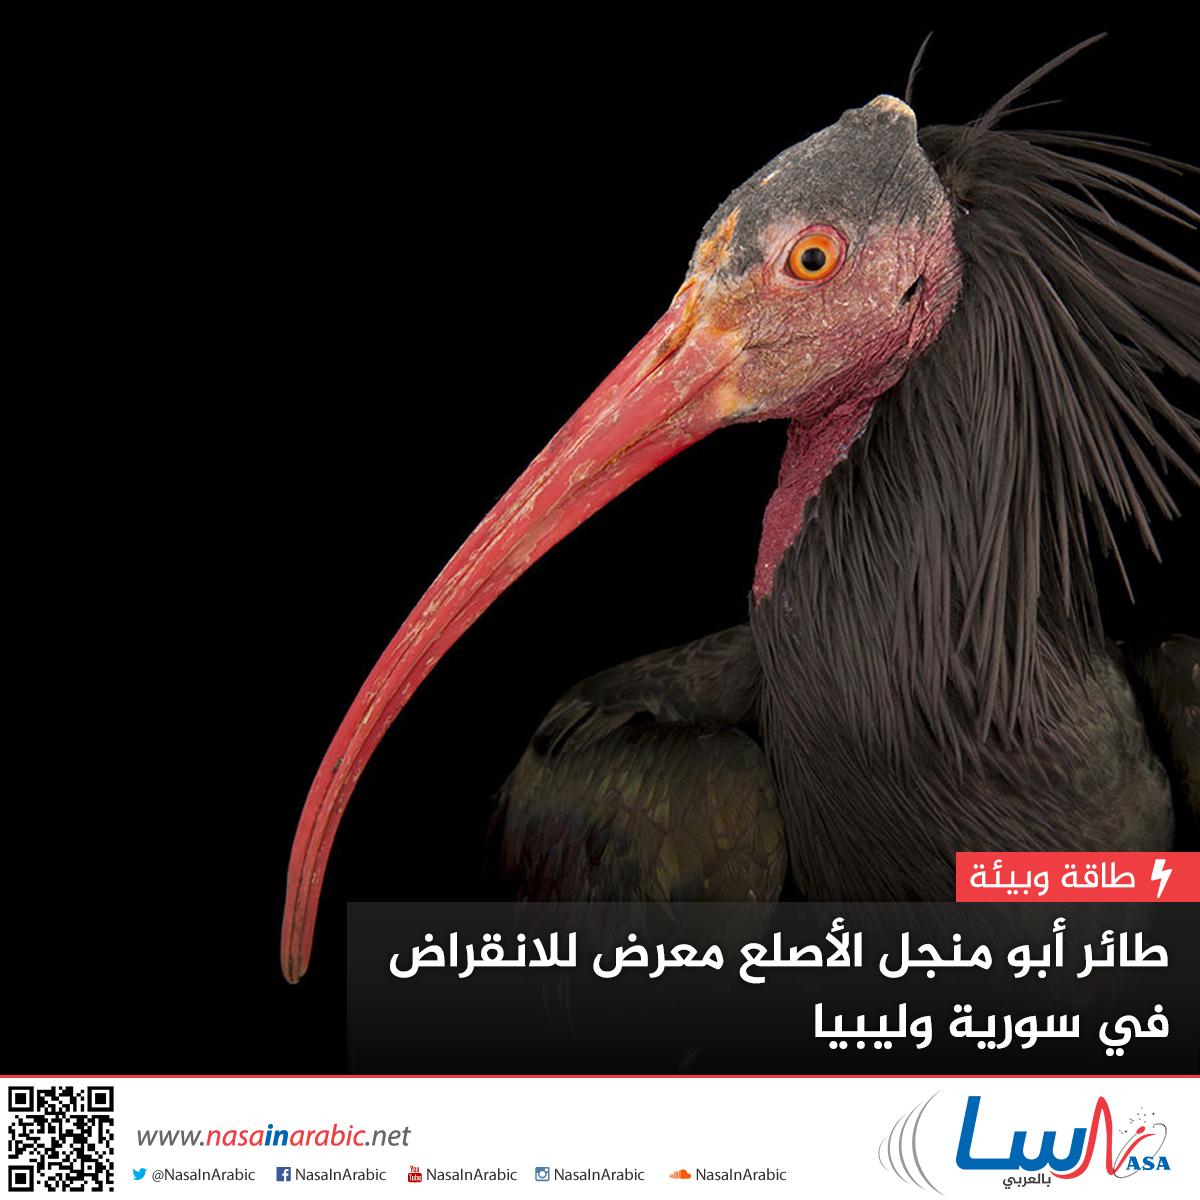 طائر أبو منجل الأصلع أحد الطيور البرية المعرضة للانقراض في سوريا وليبيا